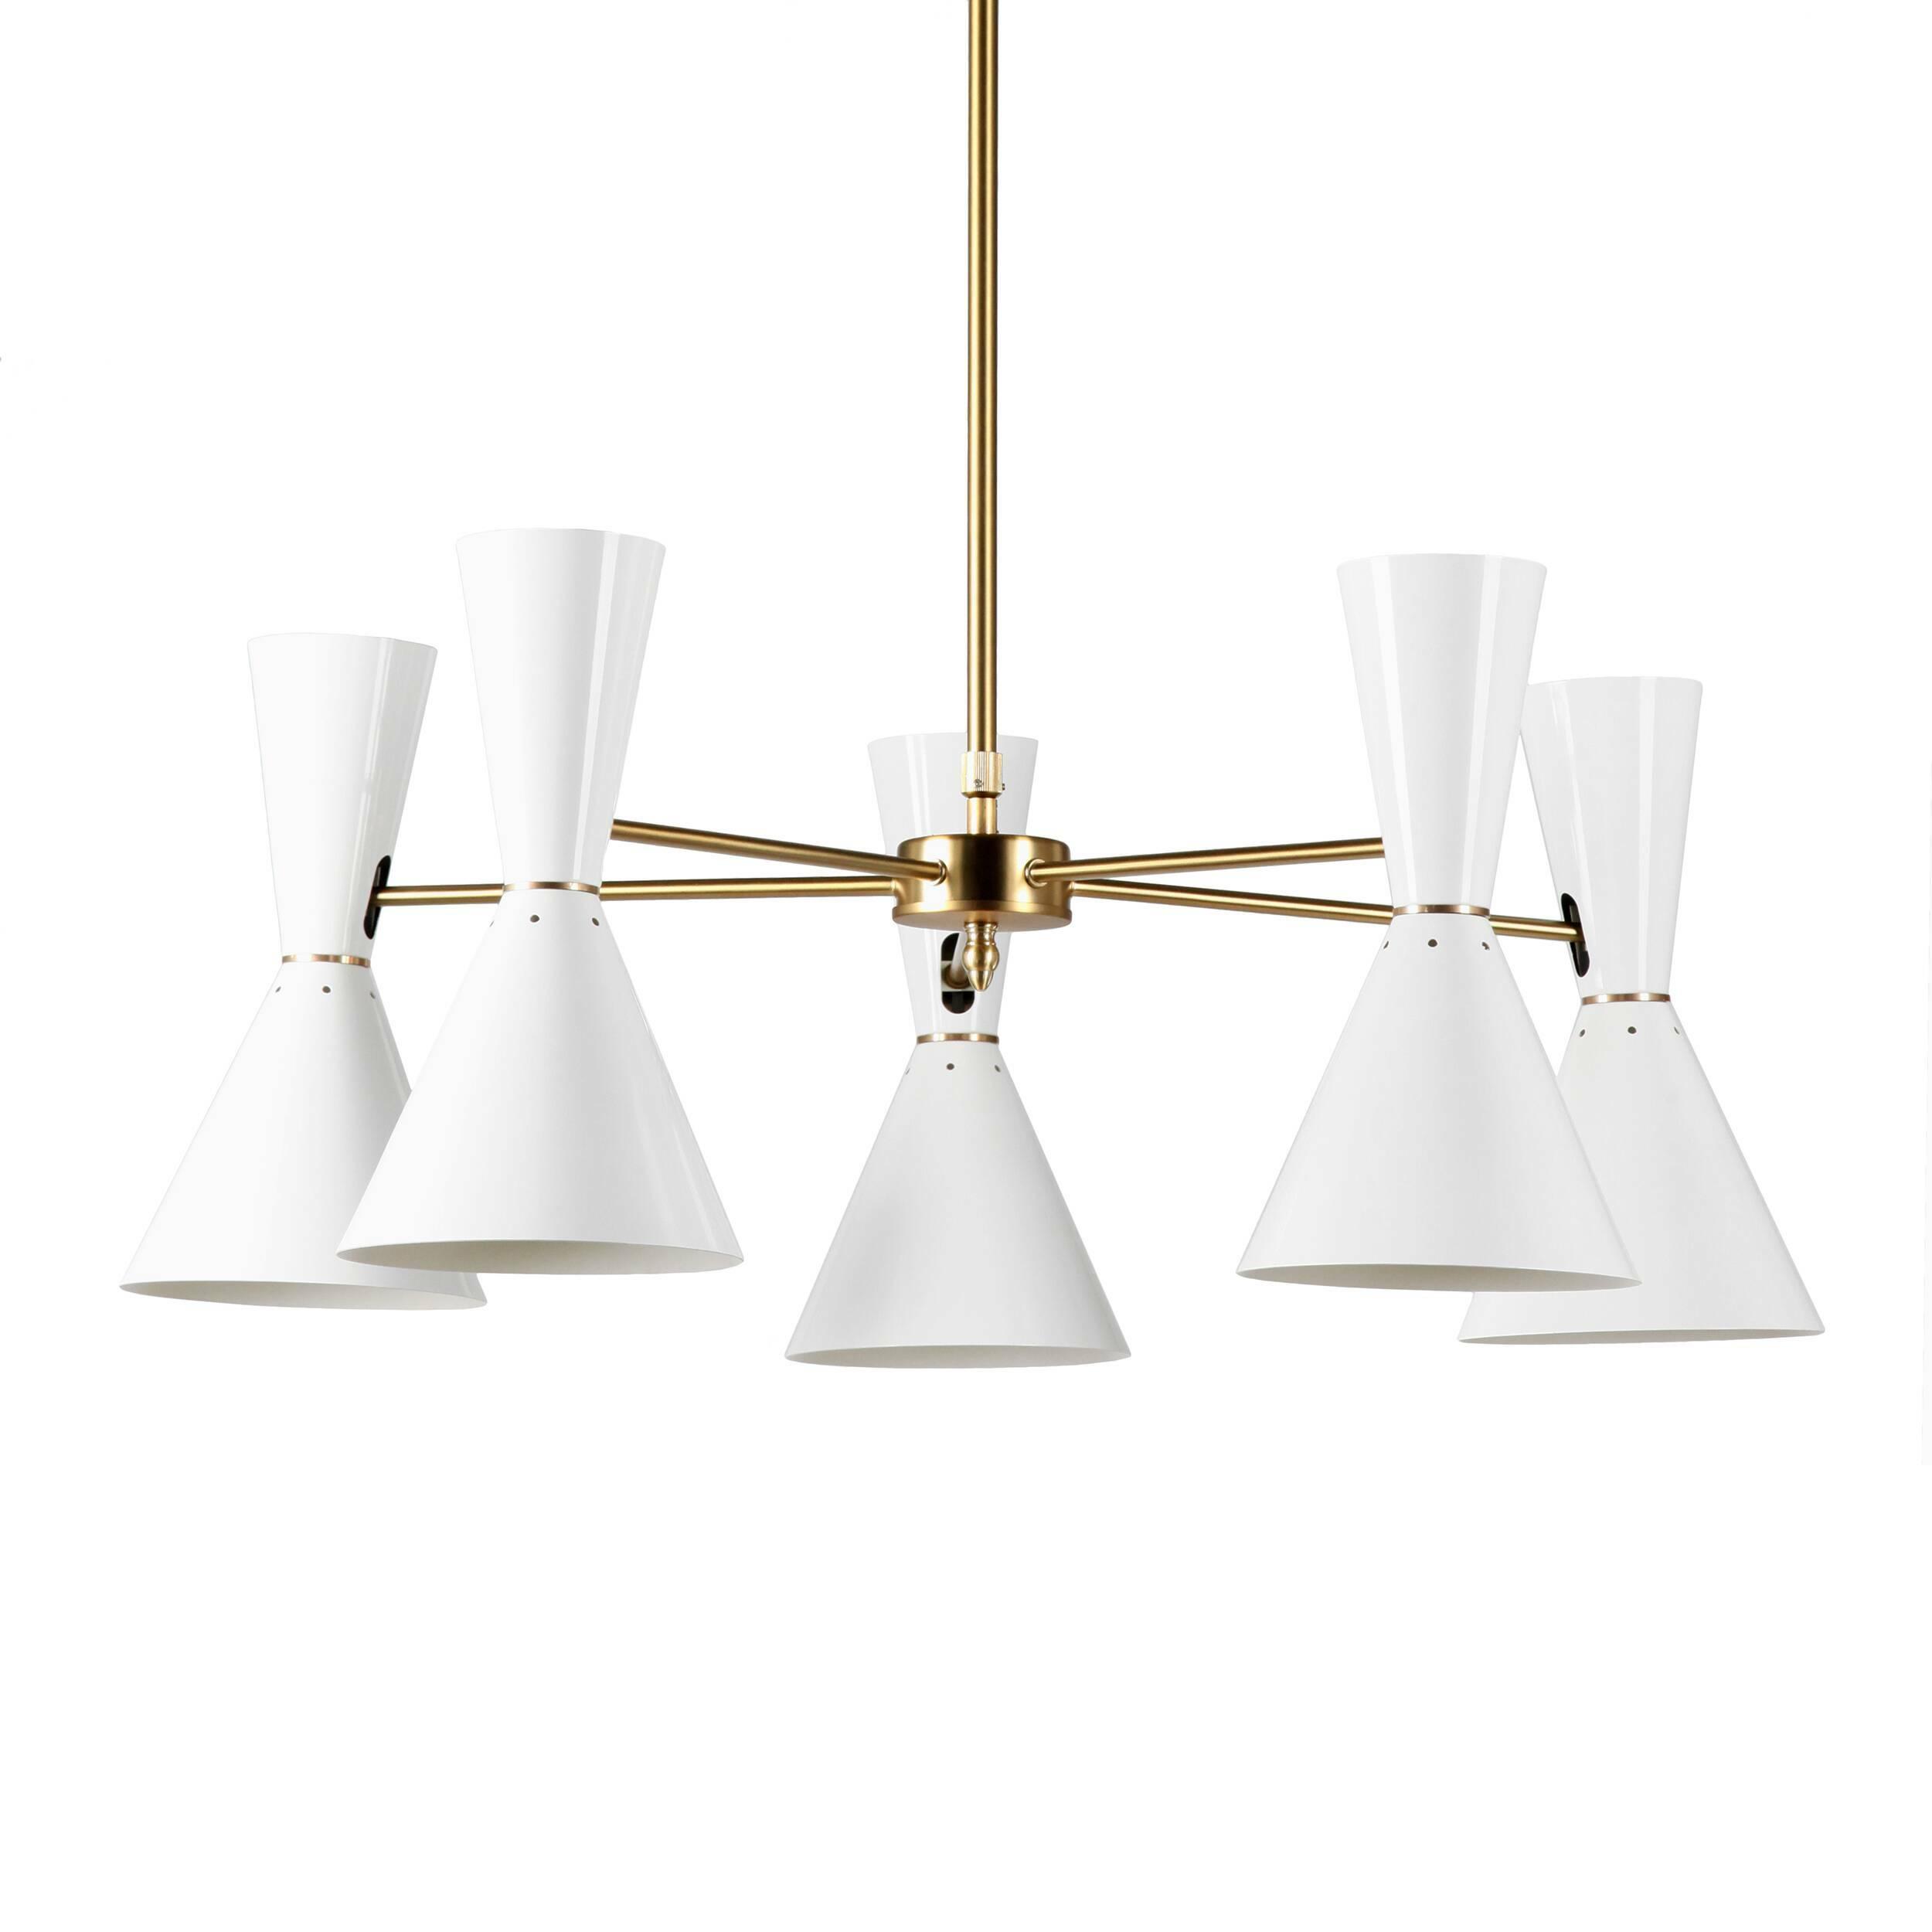 Потолочный светильник Stilnovo Style 5 лампПотолочные<br>Потолочный светильник Stilnovo Style 5 ламп — это яркий и веселый светильник американской компании Stilnovo, которая воспроизводит лампы самых известных дизайнеров XX века и создает новые необычные осветительные приборы.<br><br><br> Этот светильник отличается своим цветовым исполнением. Пять абажуров, выкрашенные в двух вариантах — черном и белом, обязательно будут поднимать вам настроение в холодный зимний день или дождливую пасмурную осеннюю погоду. Тонкие ножки напоминают лучи солнышка, кото...<br><br>stock: 2<br>Высота: 36<br>Диаметр: 76<br>Количество ламп: 5<br>Материал абажура: Сталь<br>Материал арматуры: Сталь<br>Мощность лампы: 60<br>Ламп в комплекте: Нет<br>Тип лампы/цоколь: E27<br>Цвет абажура: Белый<br>Цвет арматуры: Латунь